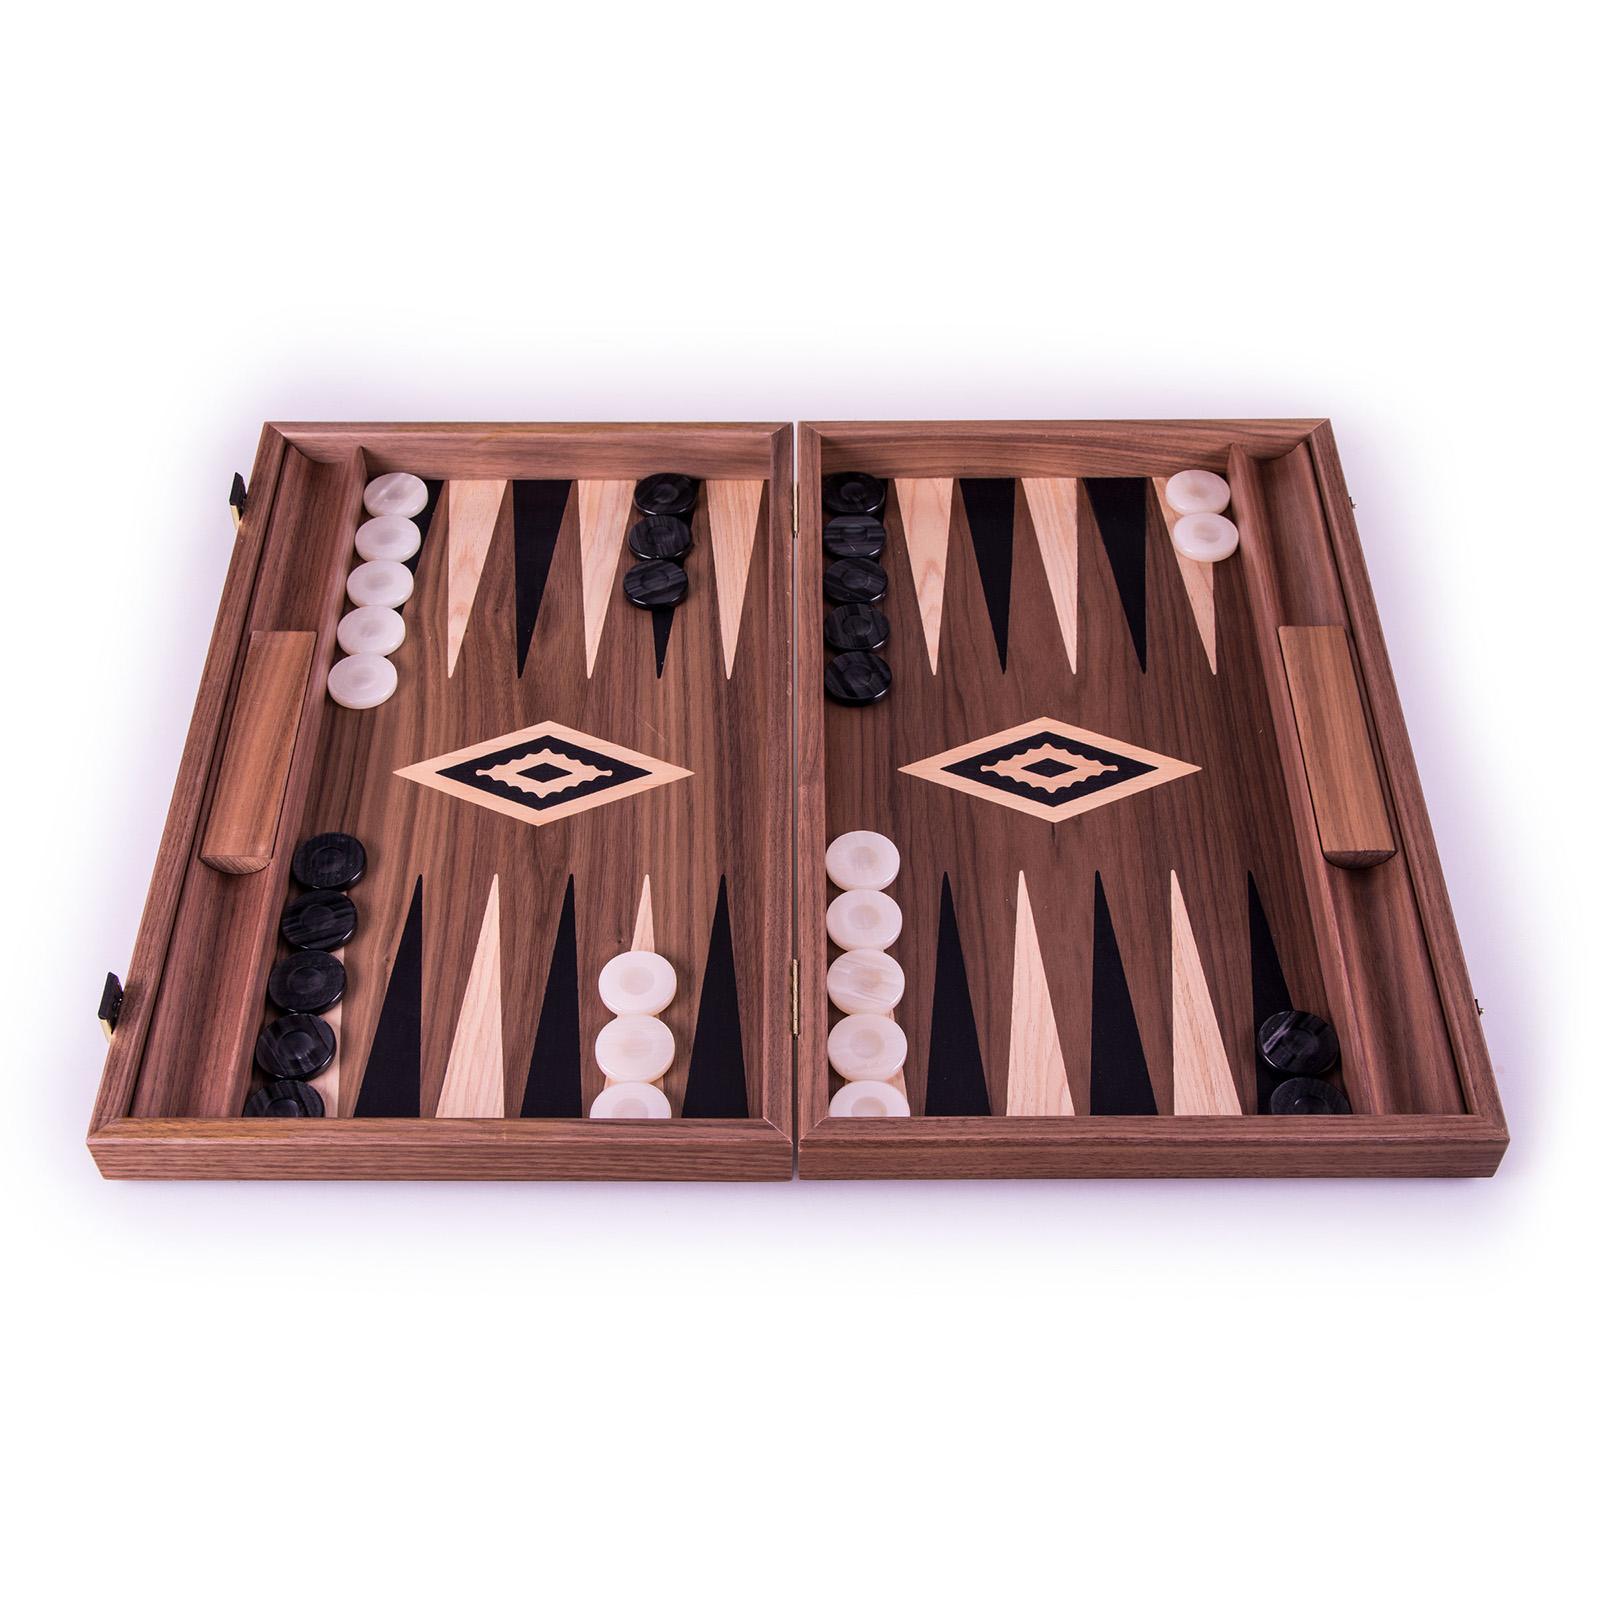 Backgammon-Set aus Walnuss aus Griechenland, handgefertigt 38x23 cm